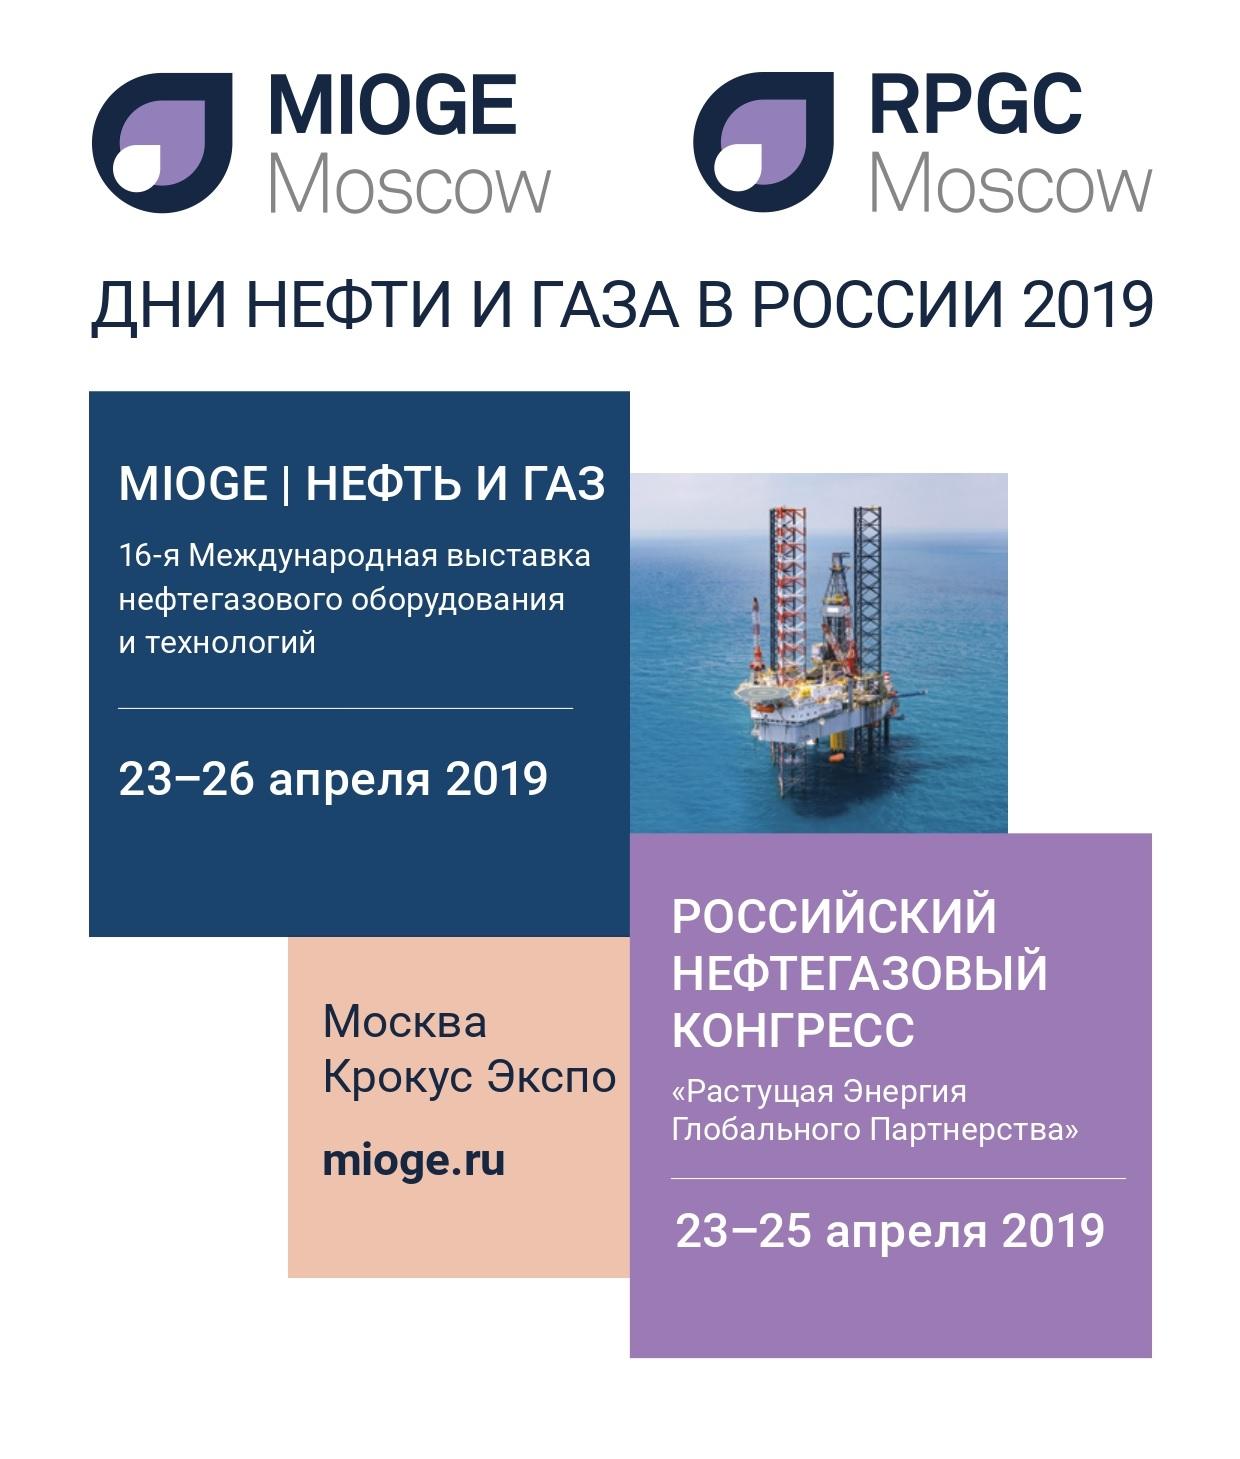 16-я Международная выставка нефтегазового оборудования и технологий MIOGE 2019